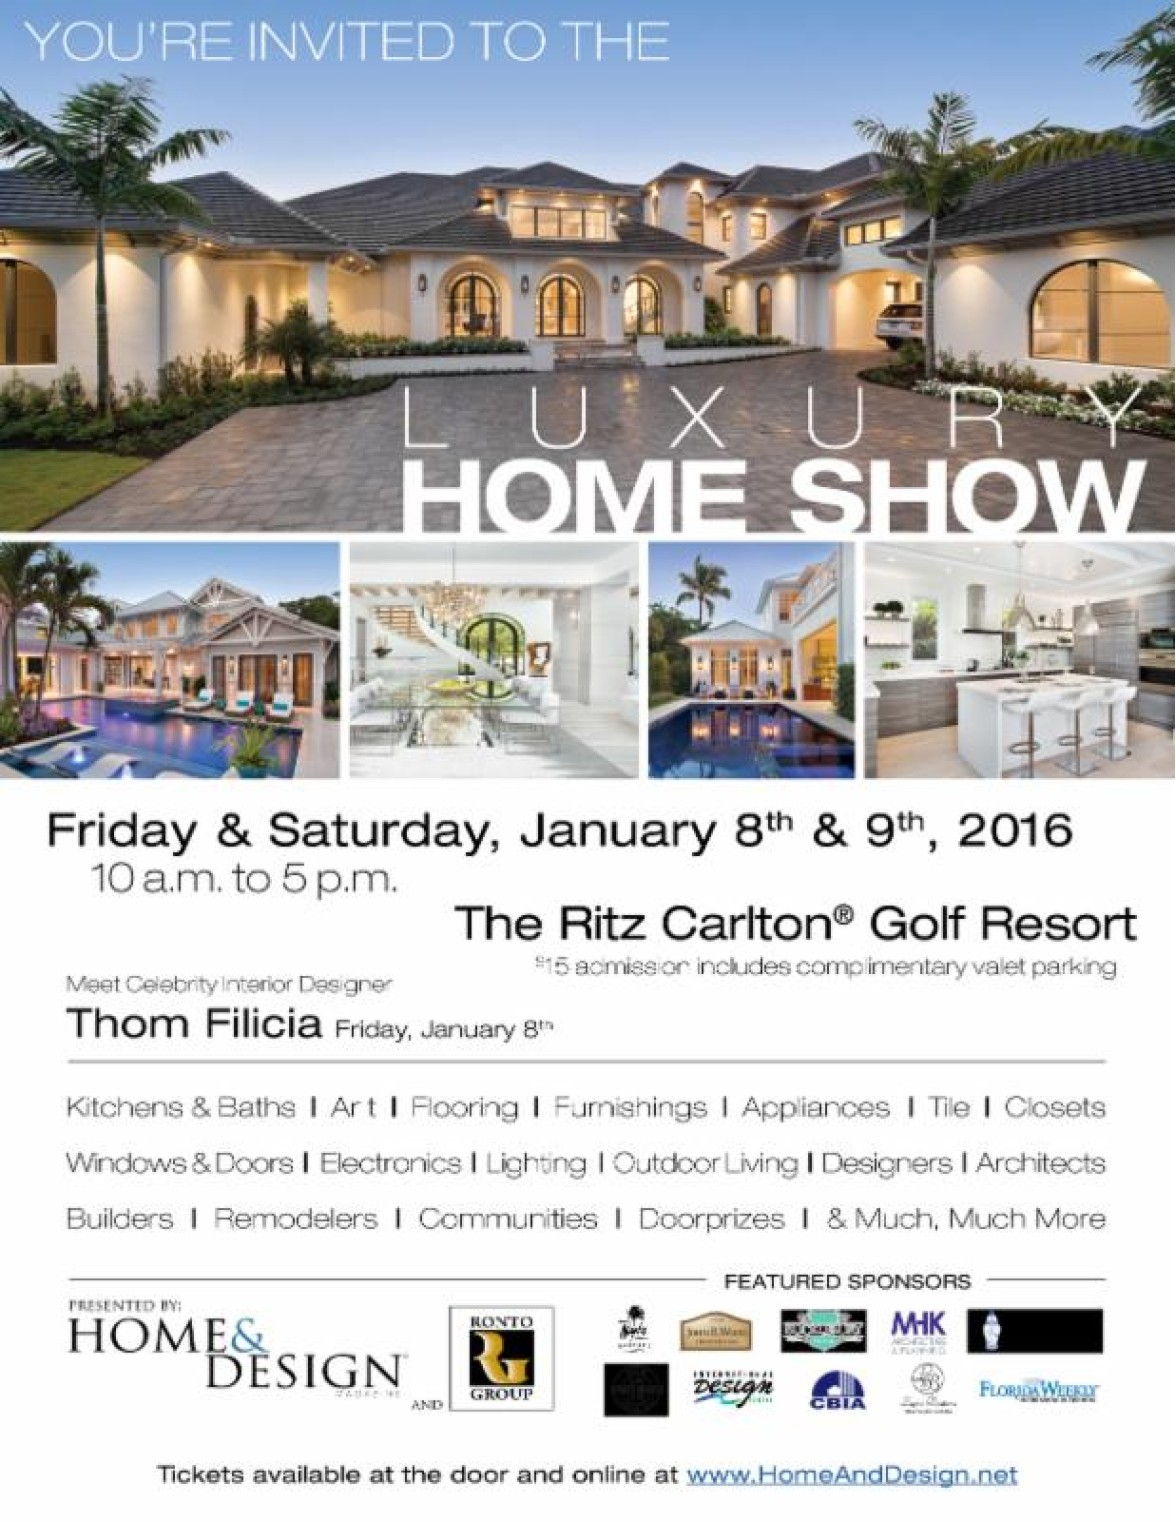 Home & Design Show Invite | Kira Krümm